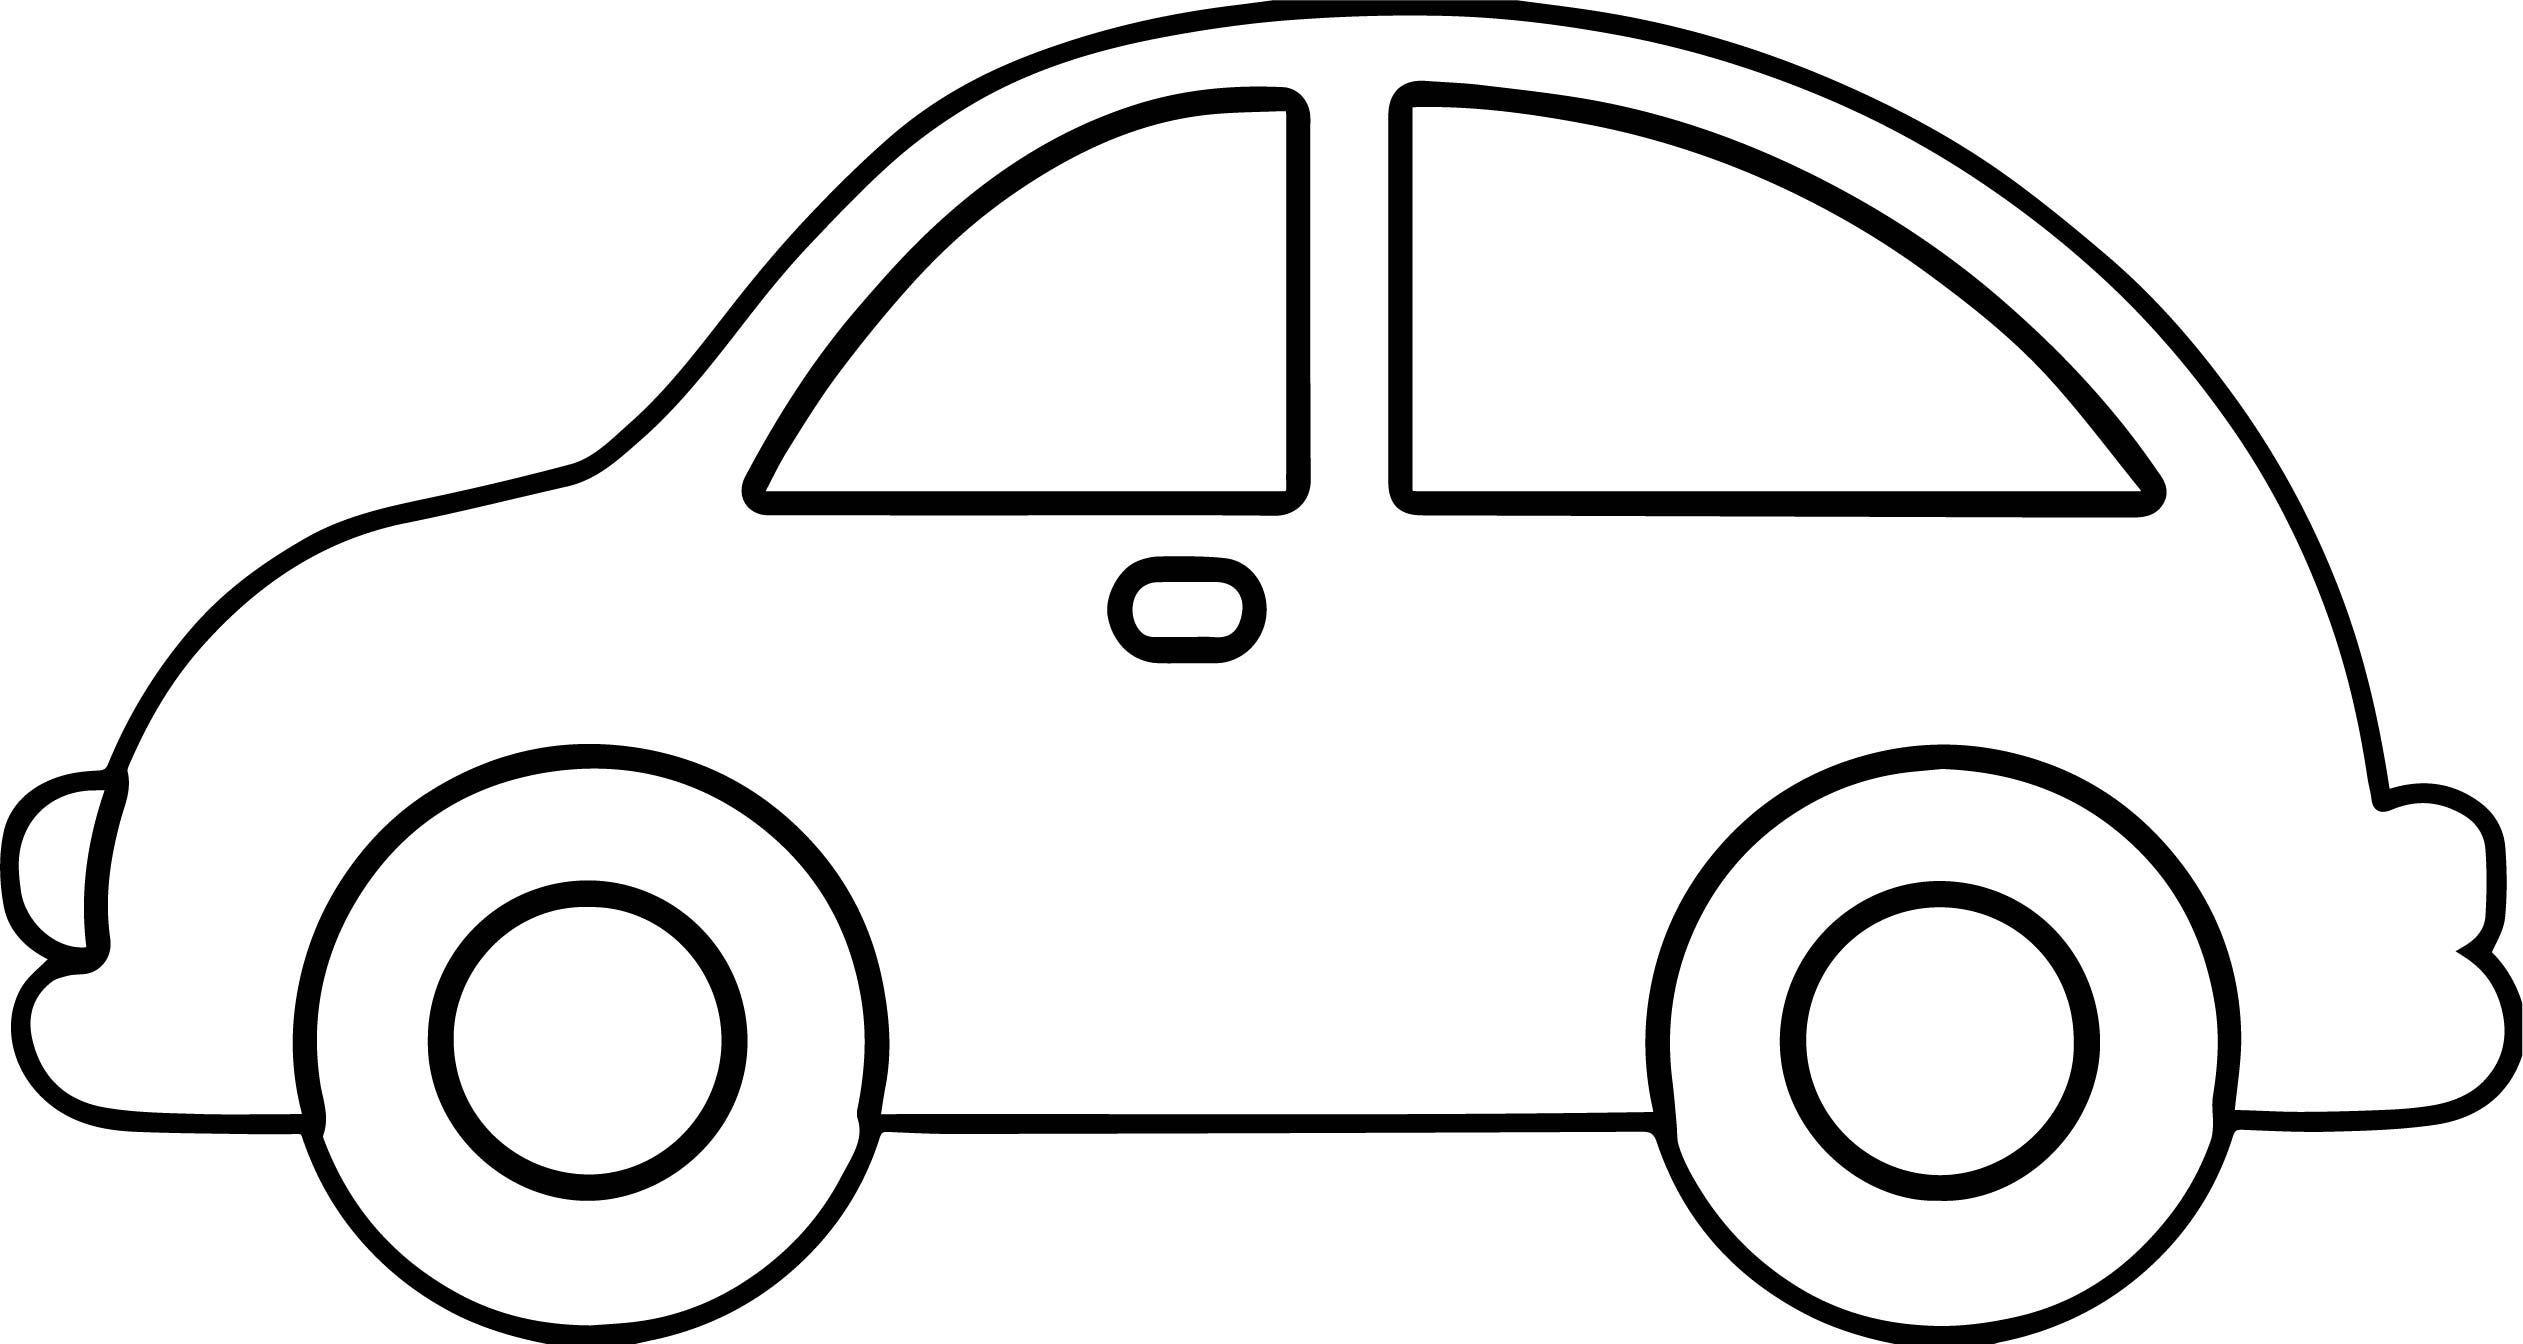 Vintage Antique Outline Car Coloring Page | Simple car drawing, Cars  coloring pages, Easy drawings